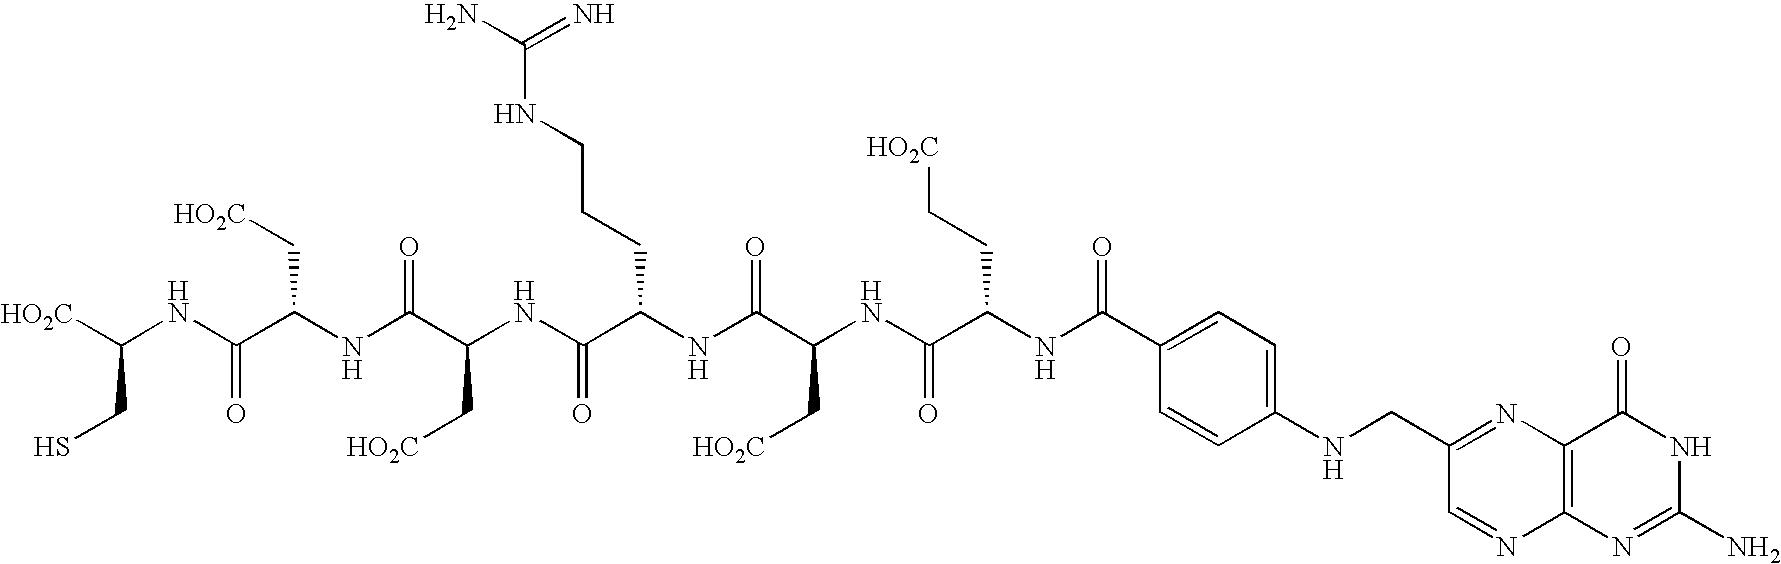 Figure US20100104626A1-20100429-C00033